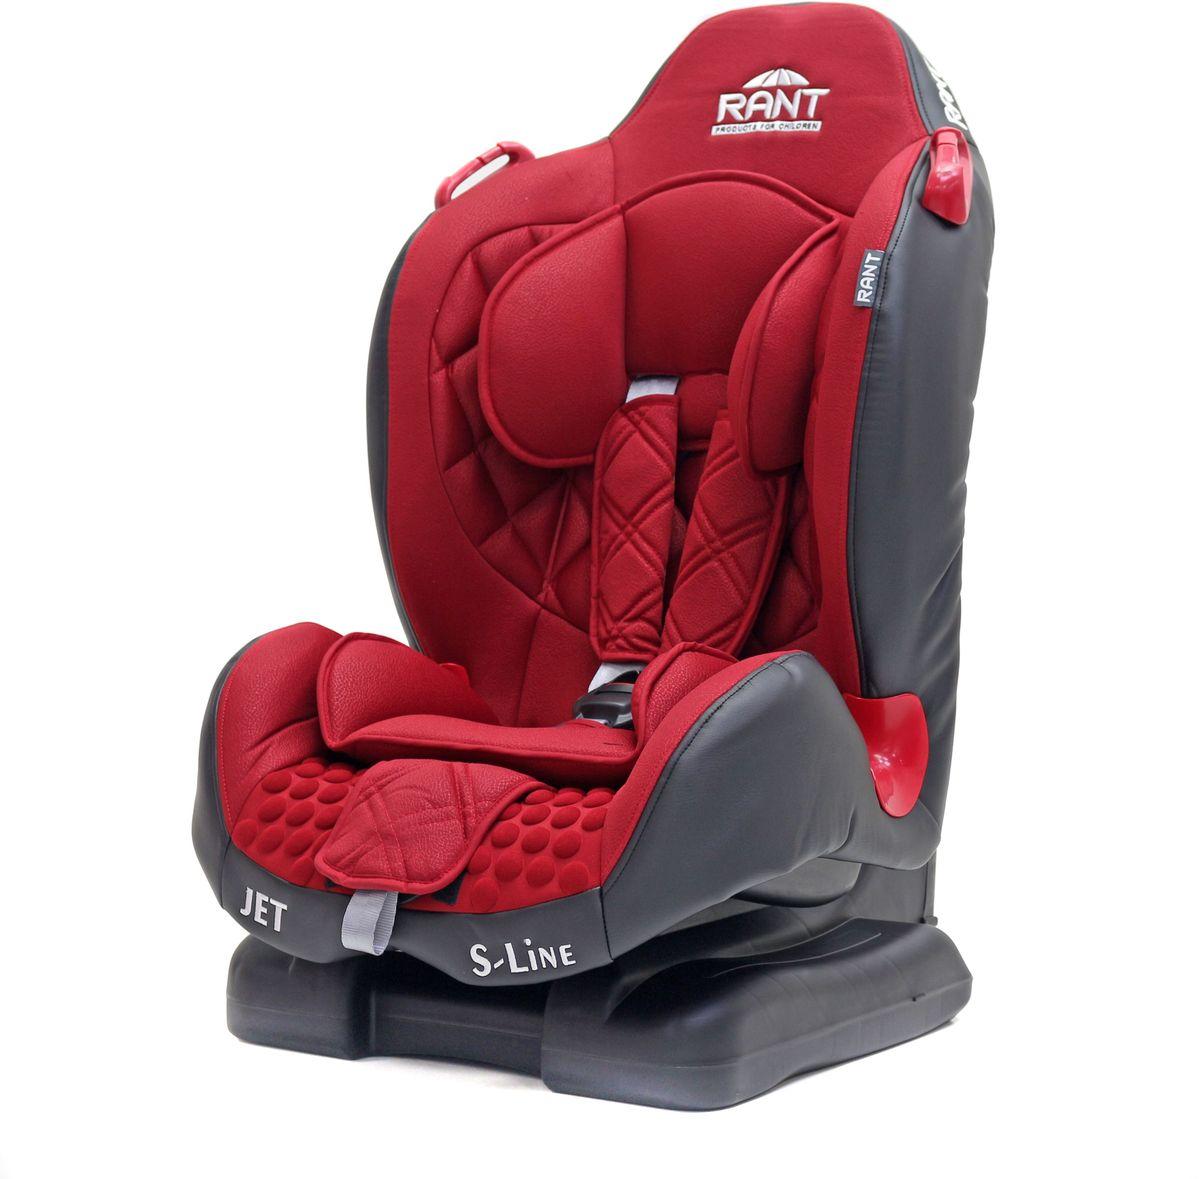 Rant Автокресло Jet цвет красный от 9 до 25 кг4650070987501Серия S-Line автокресло Jet группа 1-2. Вес ребенка: 9-25 кг, возраст: от 09 мес. до 7 лет (ориентировочно), крепится штатными ремнями безопасности автомобиля, устанавливается по ходу движения автомобиля, пятиточечный ремень безопасности с мягкими плечевыми накладками и антискользящими нашивками, 4-х ступенчатая настройка высоты подголовника, корректировка высоты ремня безопасности по уровню подголовника, 3 положения наклона корпуса, устойчивая база, фиксатор высоты штатных ремней безопасности, дополнительная боковая защита, съемный чехол, мягкий съемный вкладыш для малыша, сертификат Европейского Стандарта Безопасности ЕCE R44/04.